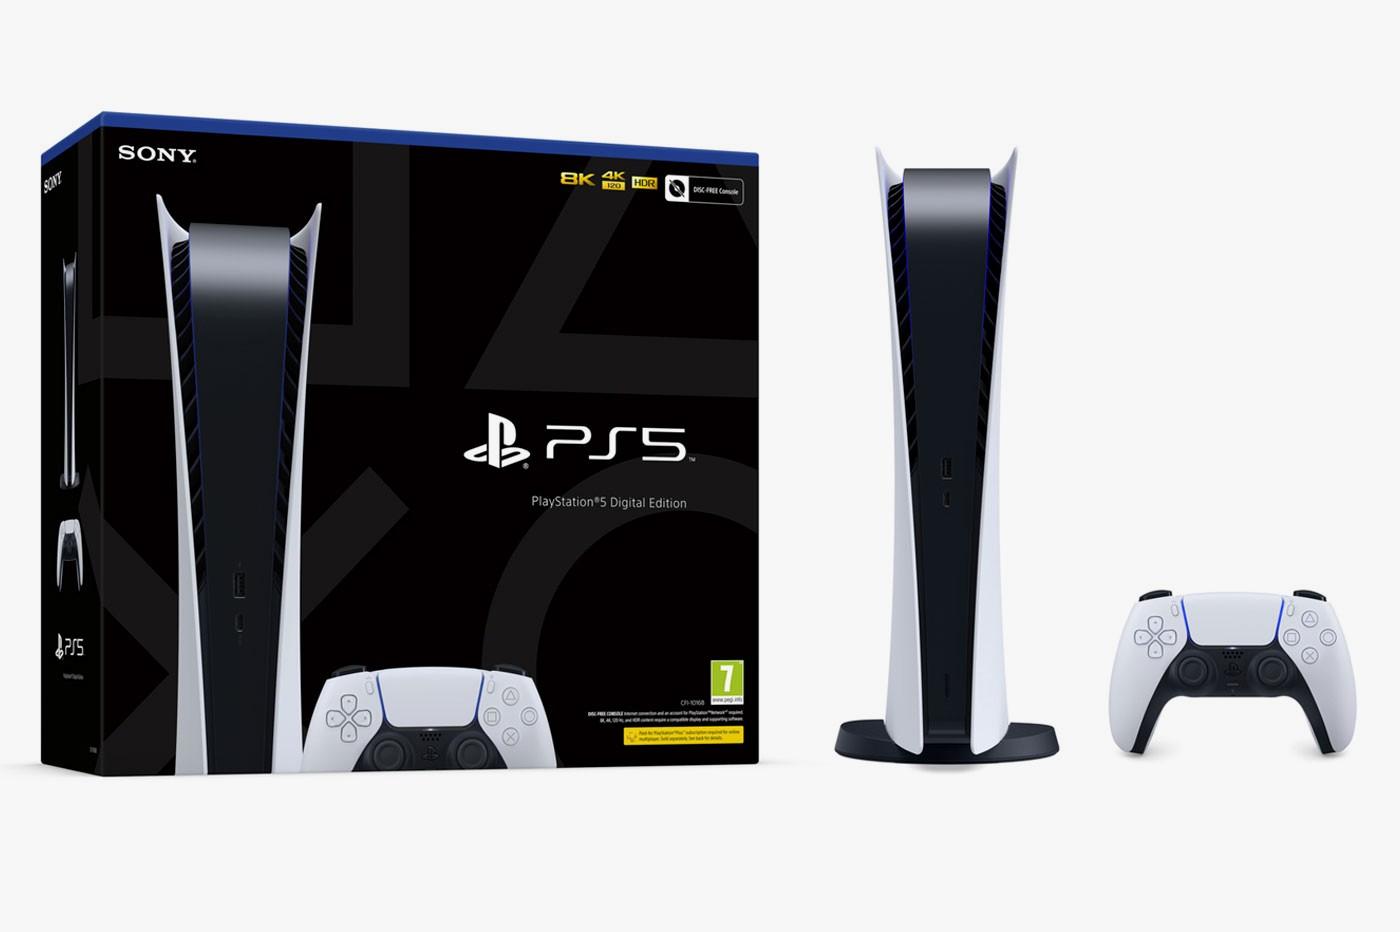 新 PS5 照片显示了索尼下一代大型游戏机的发展规模